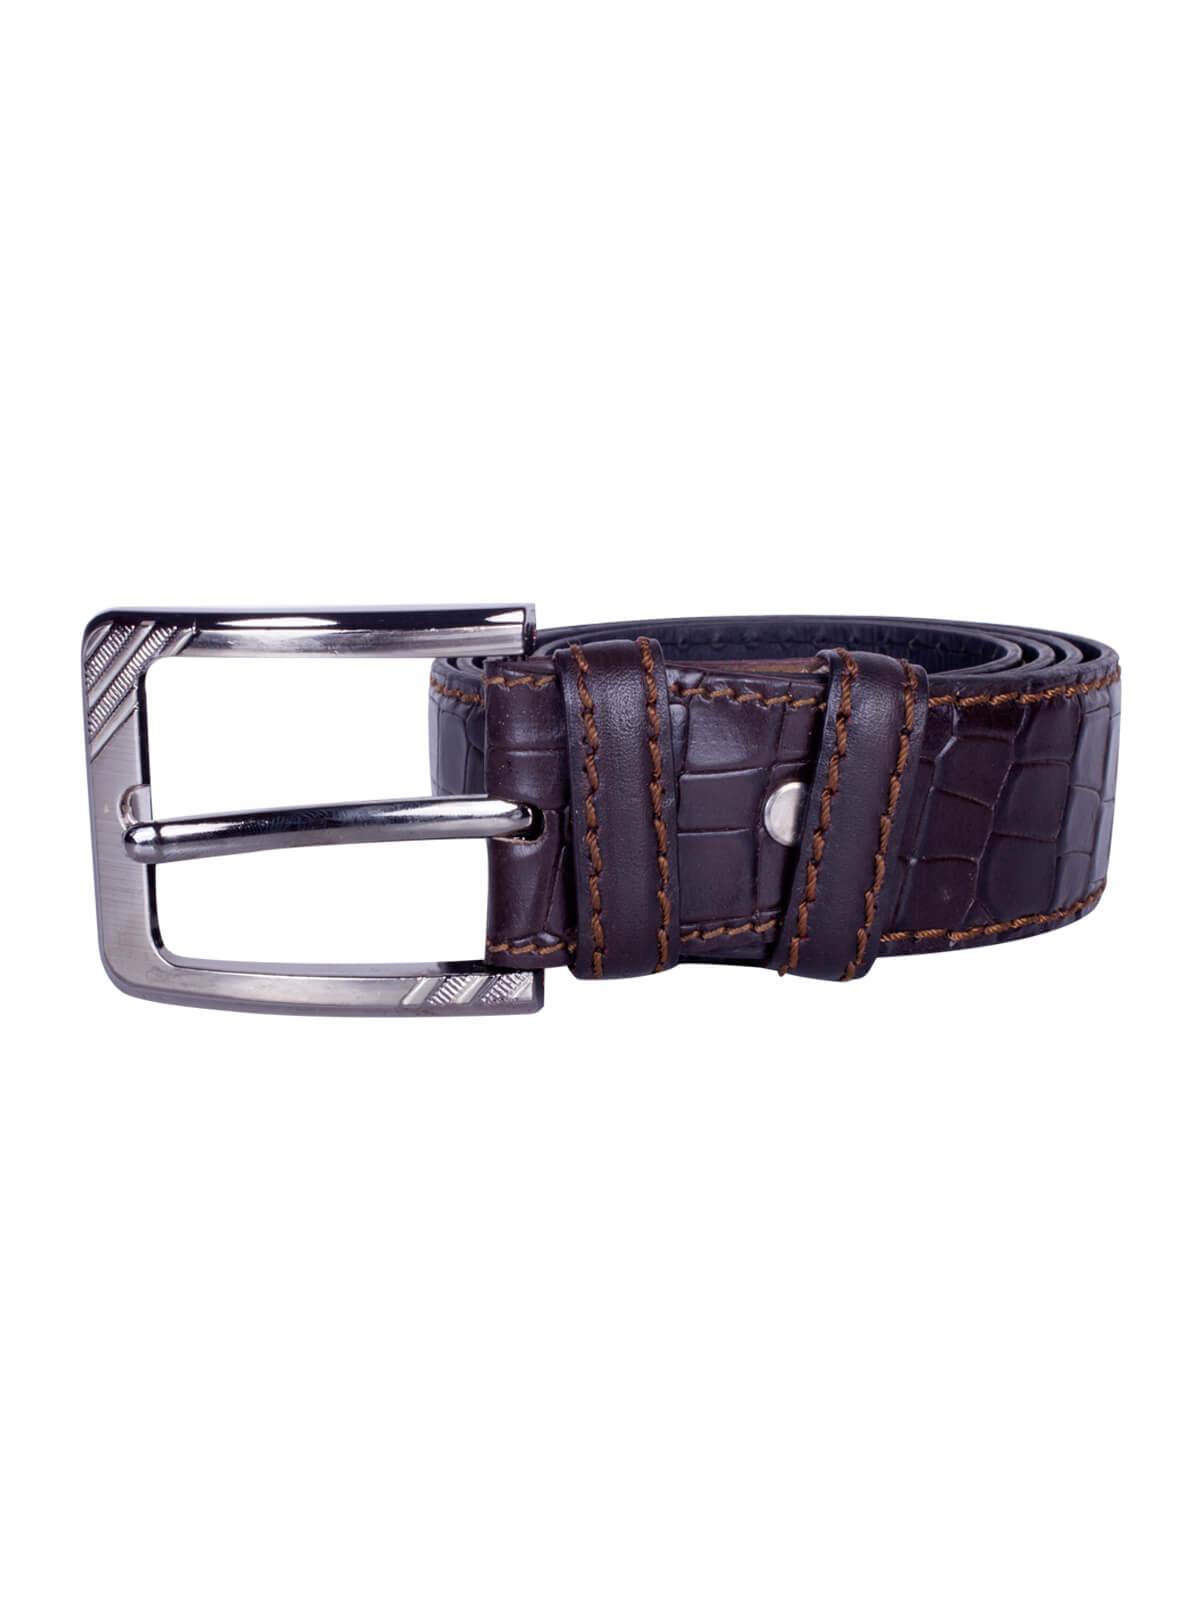 Violet Leather Embossed Belt